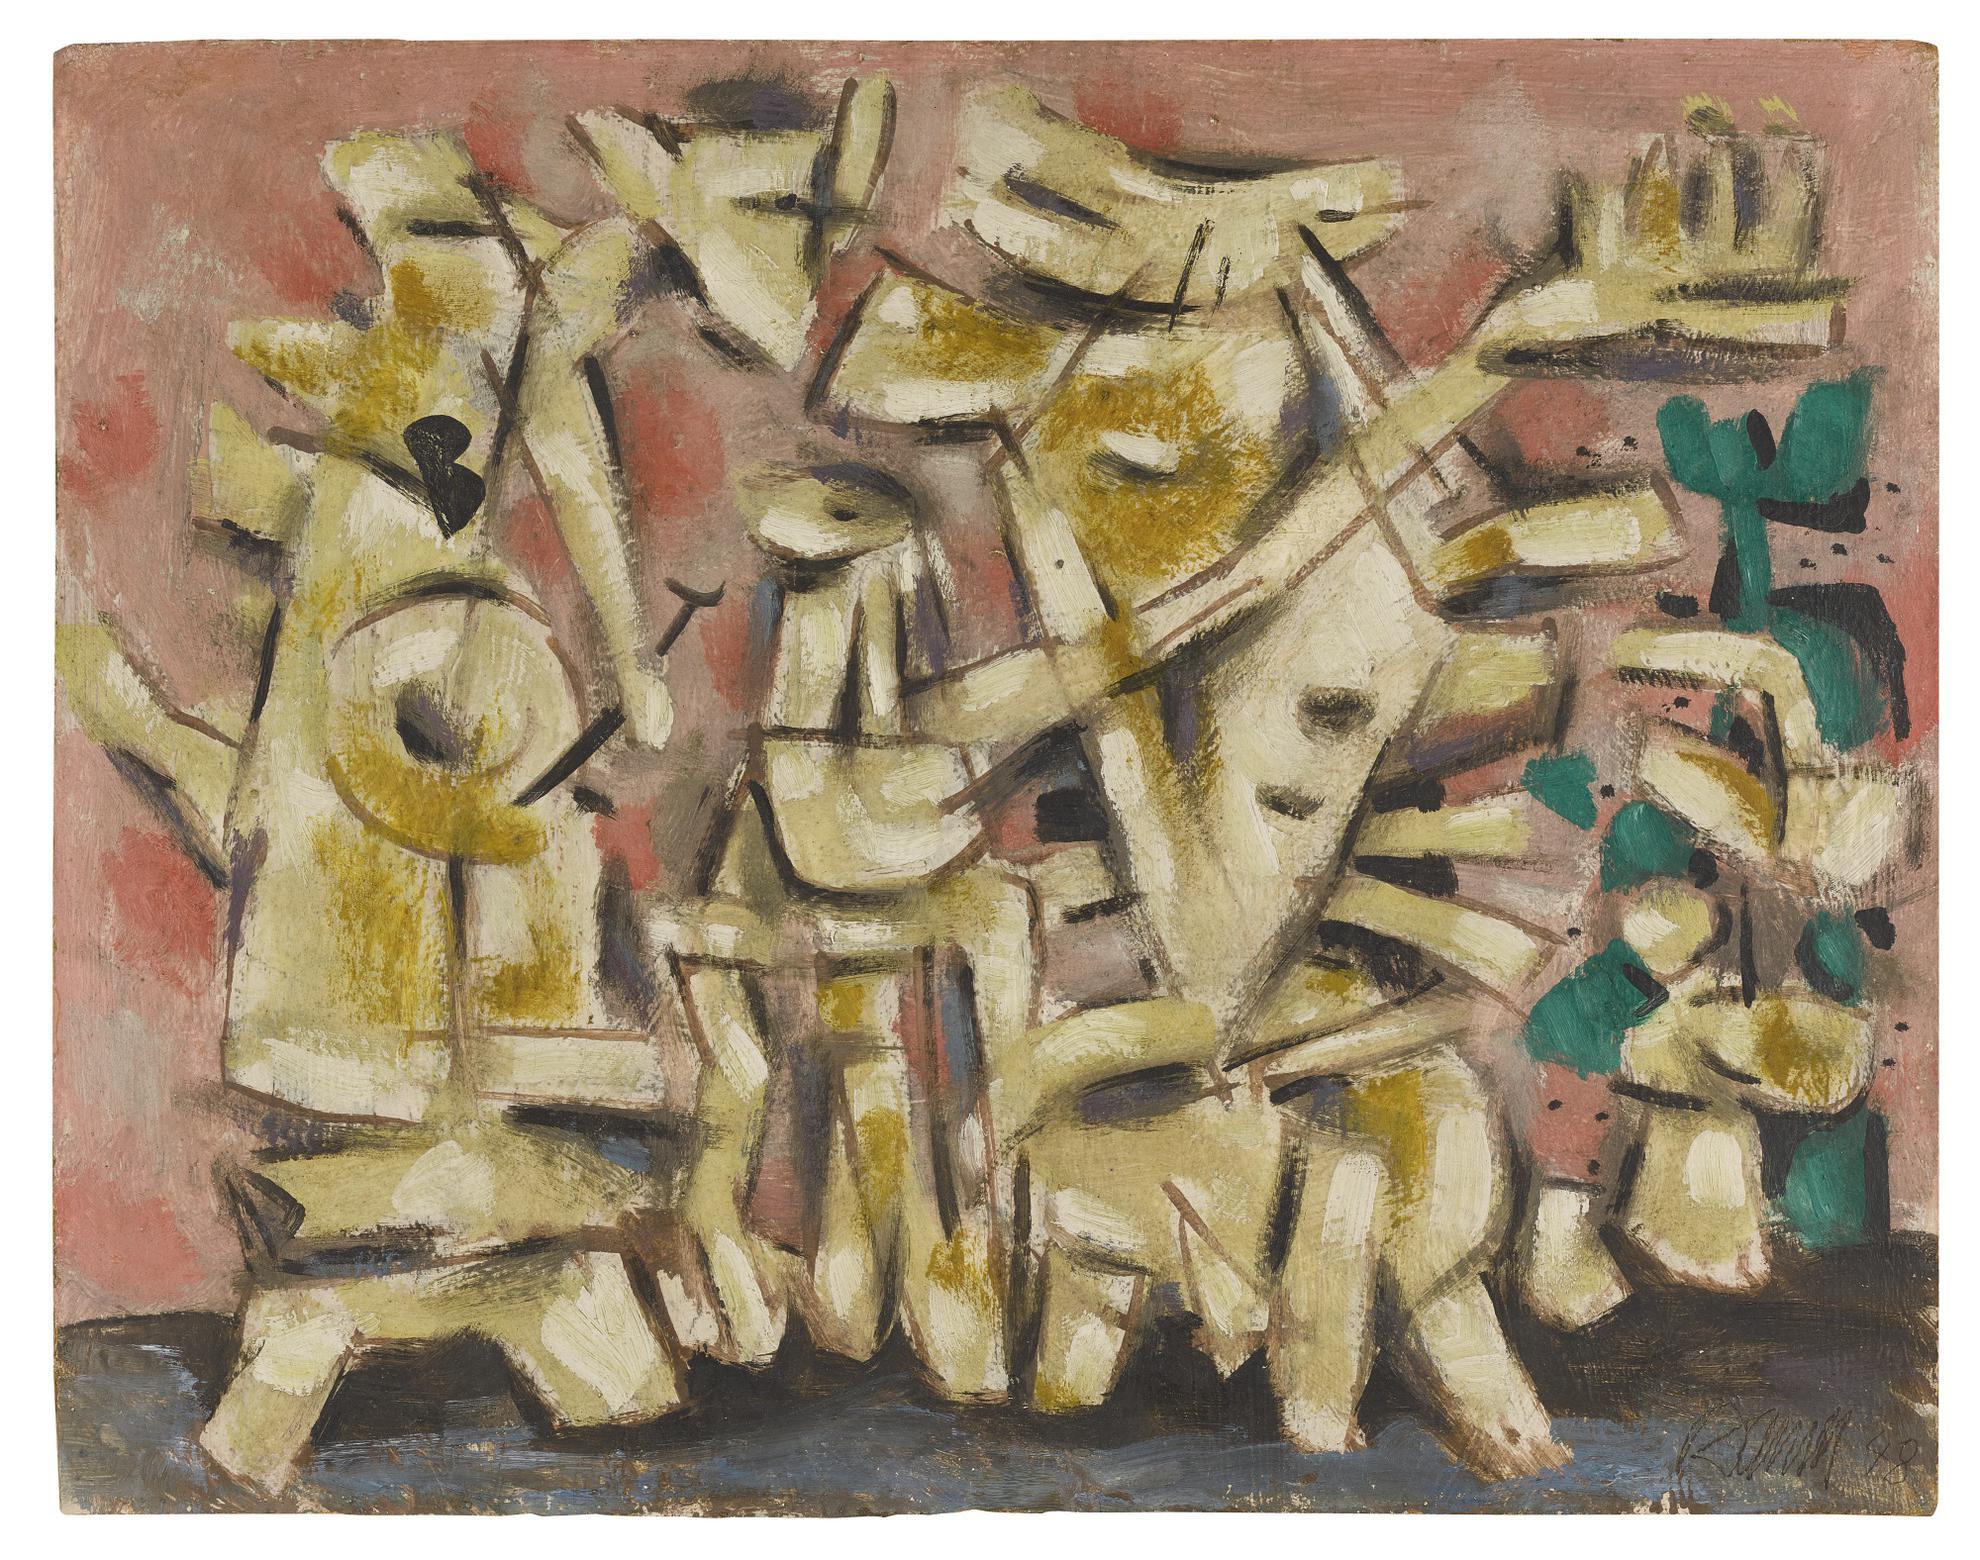 Willi Baumeister-Heitere Bewegung Auf Rosa (Cheerful Movement In Pink)-1948